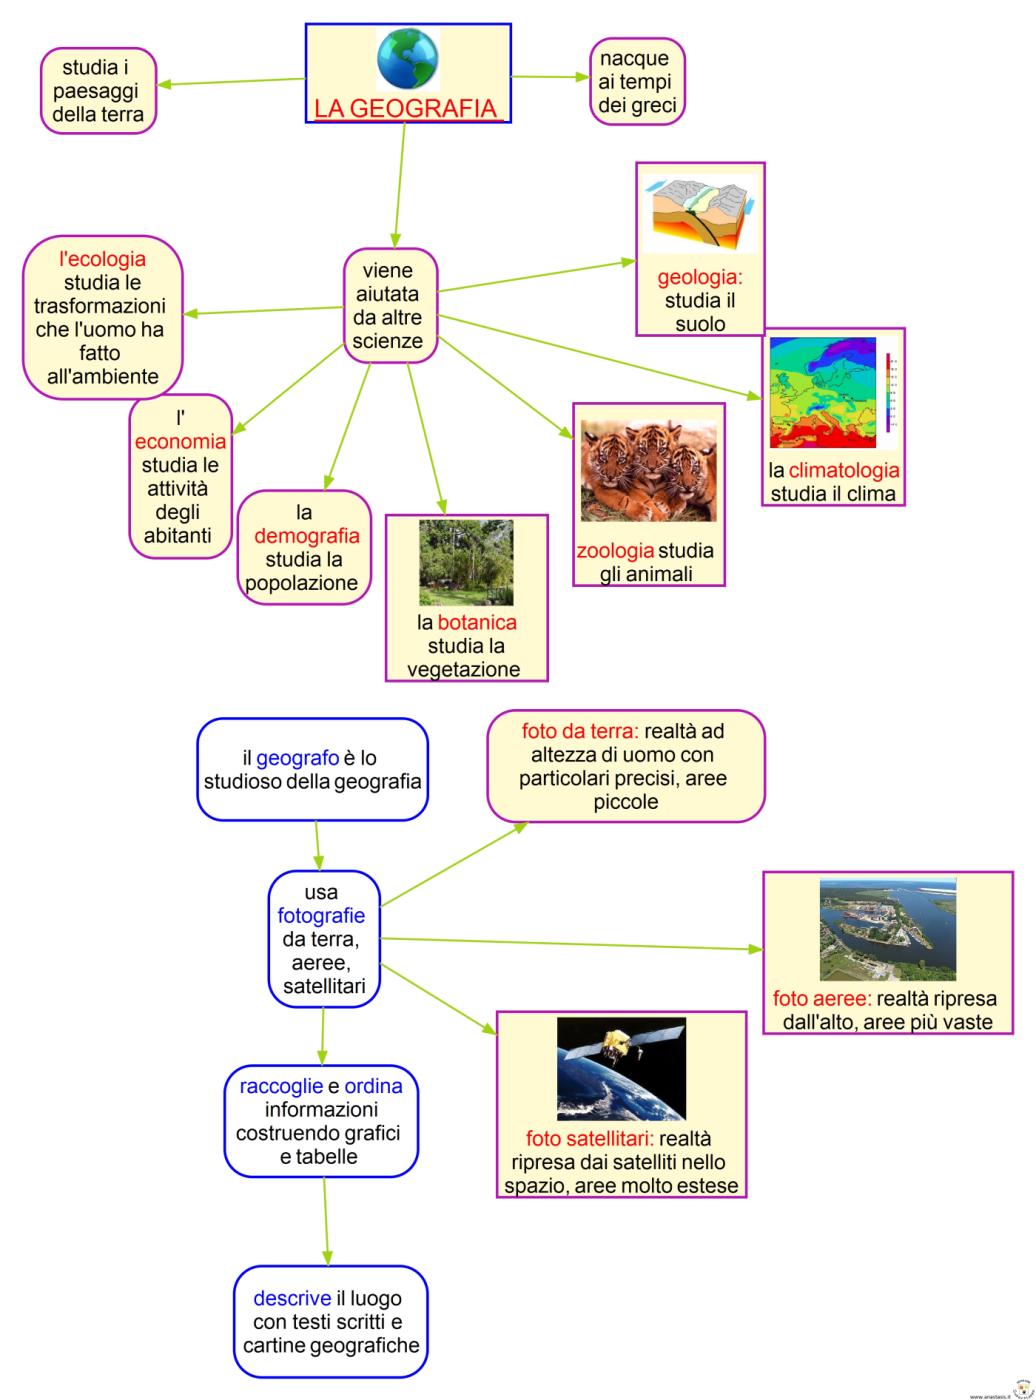 Fabuleux 10. geografia - geografo | Istruzione | Pinterest FZ82